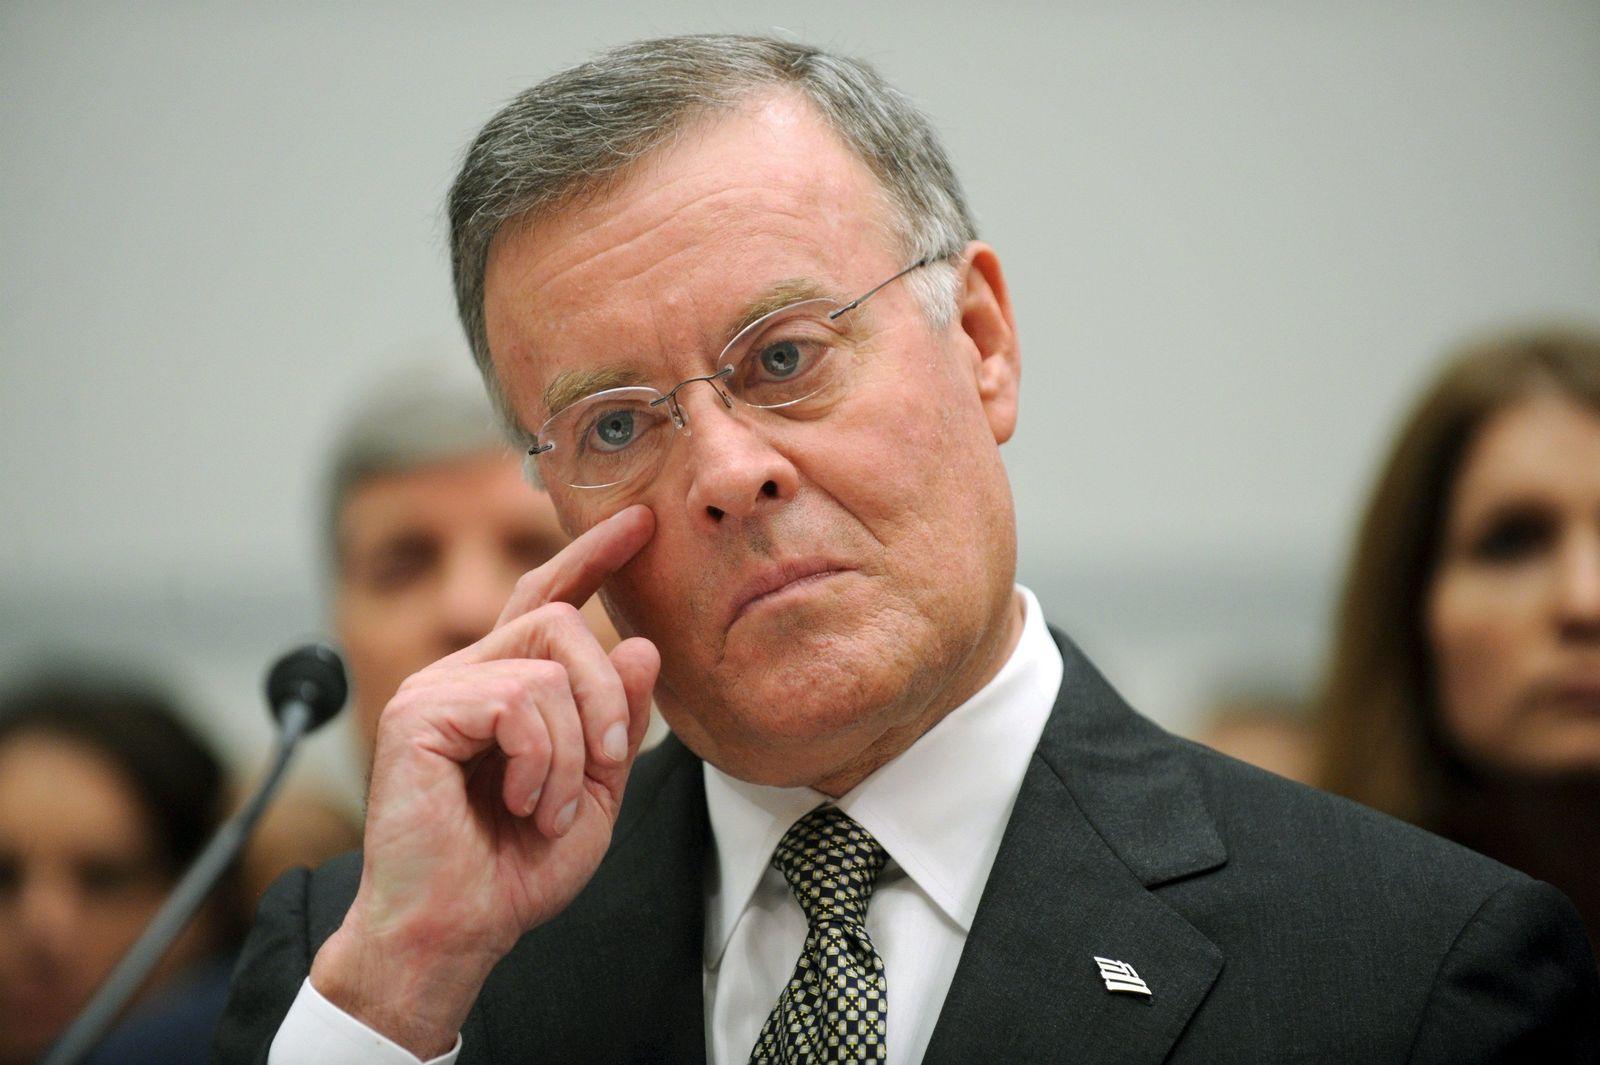 Chef der Bank of America geht mit vollen Taschen